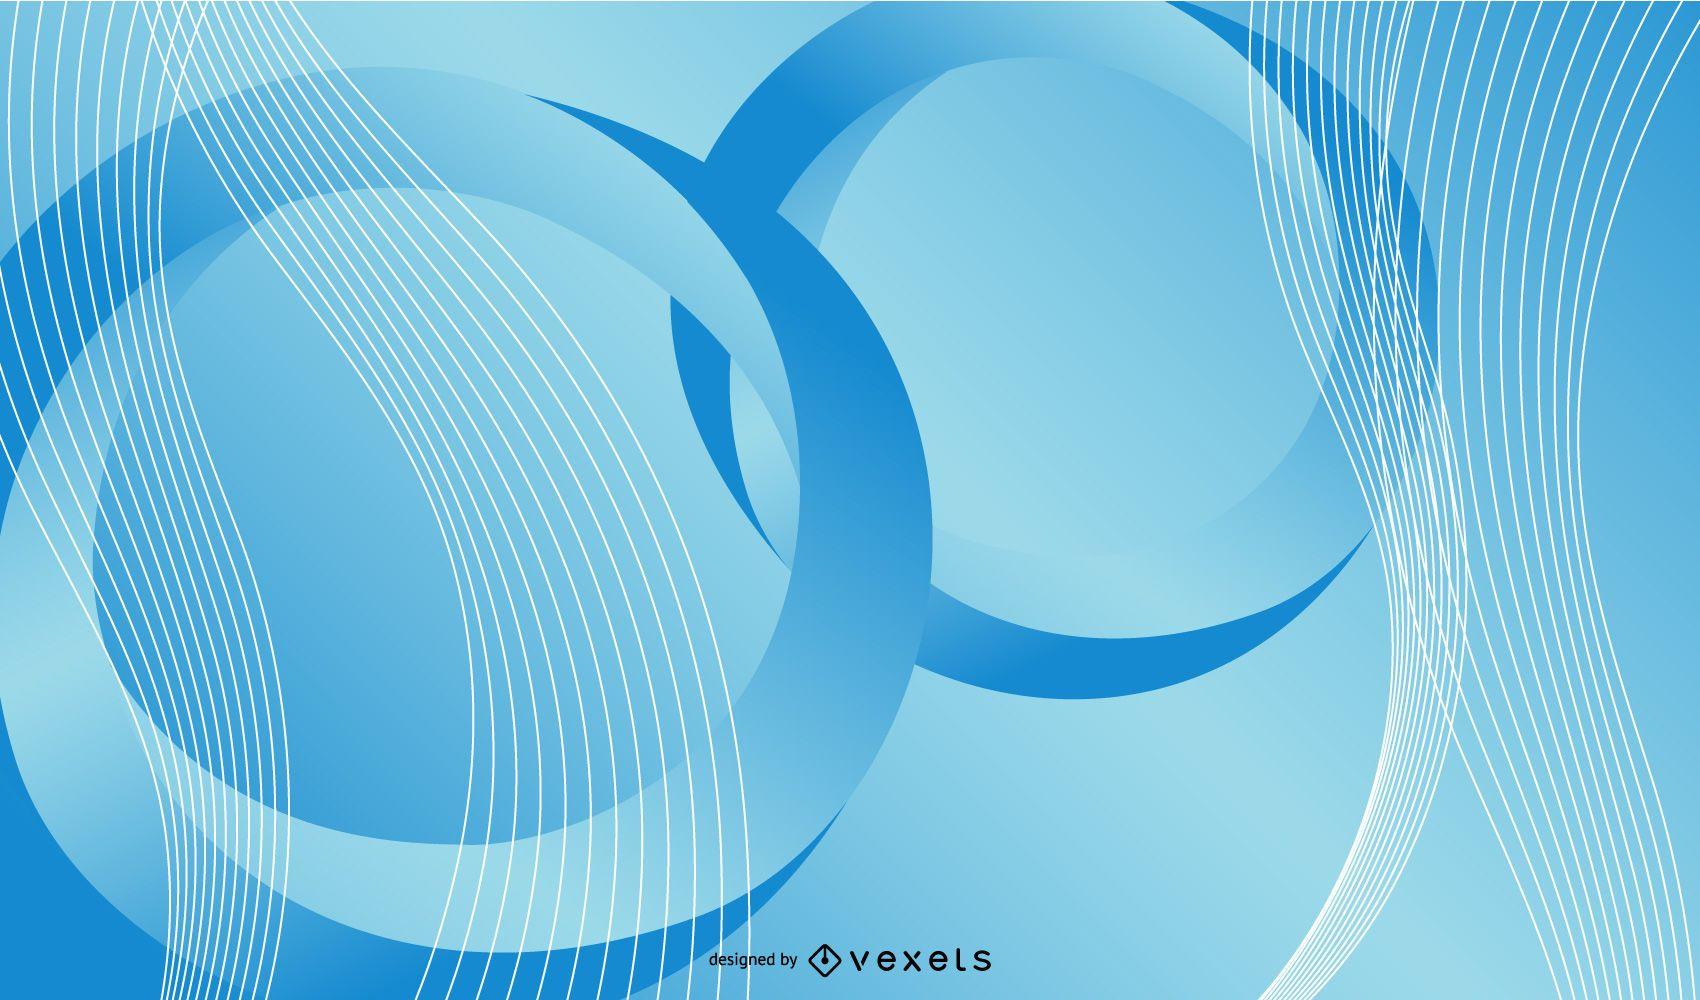 Twisting Vortex Circle Background